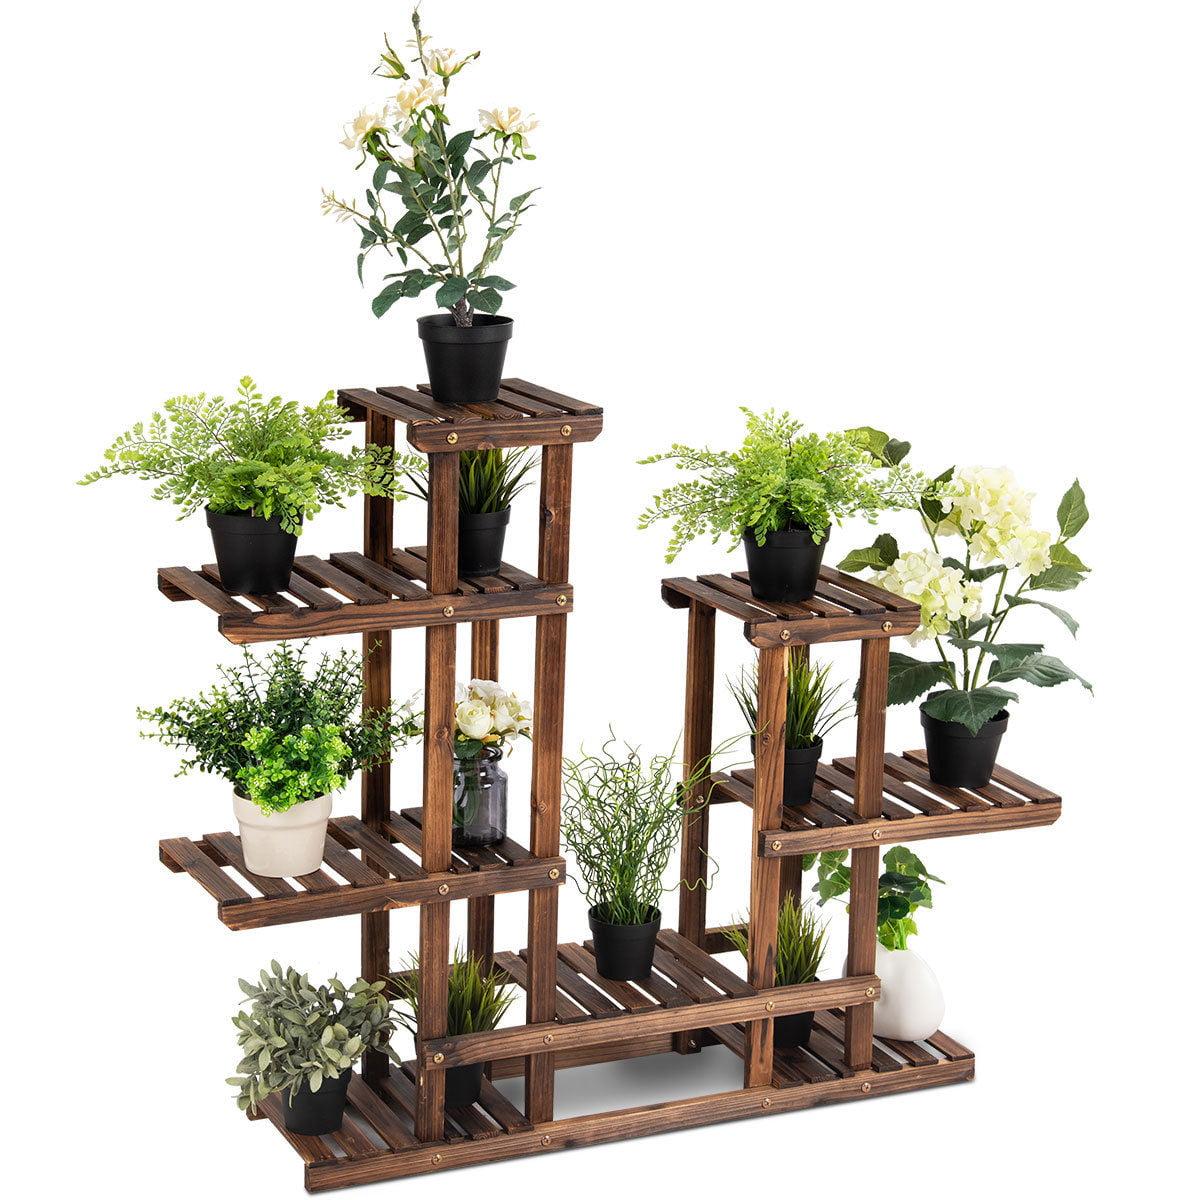 Costway 6Tier 13 Pots Wooden Plant Flower Display Stand Wood Shelf Storage Rack Garden